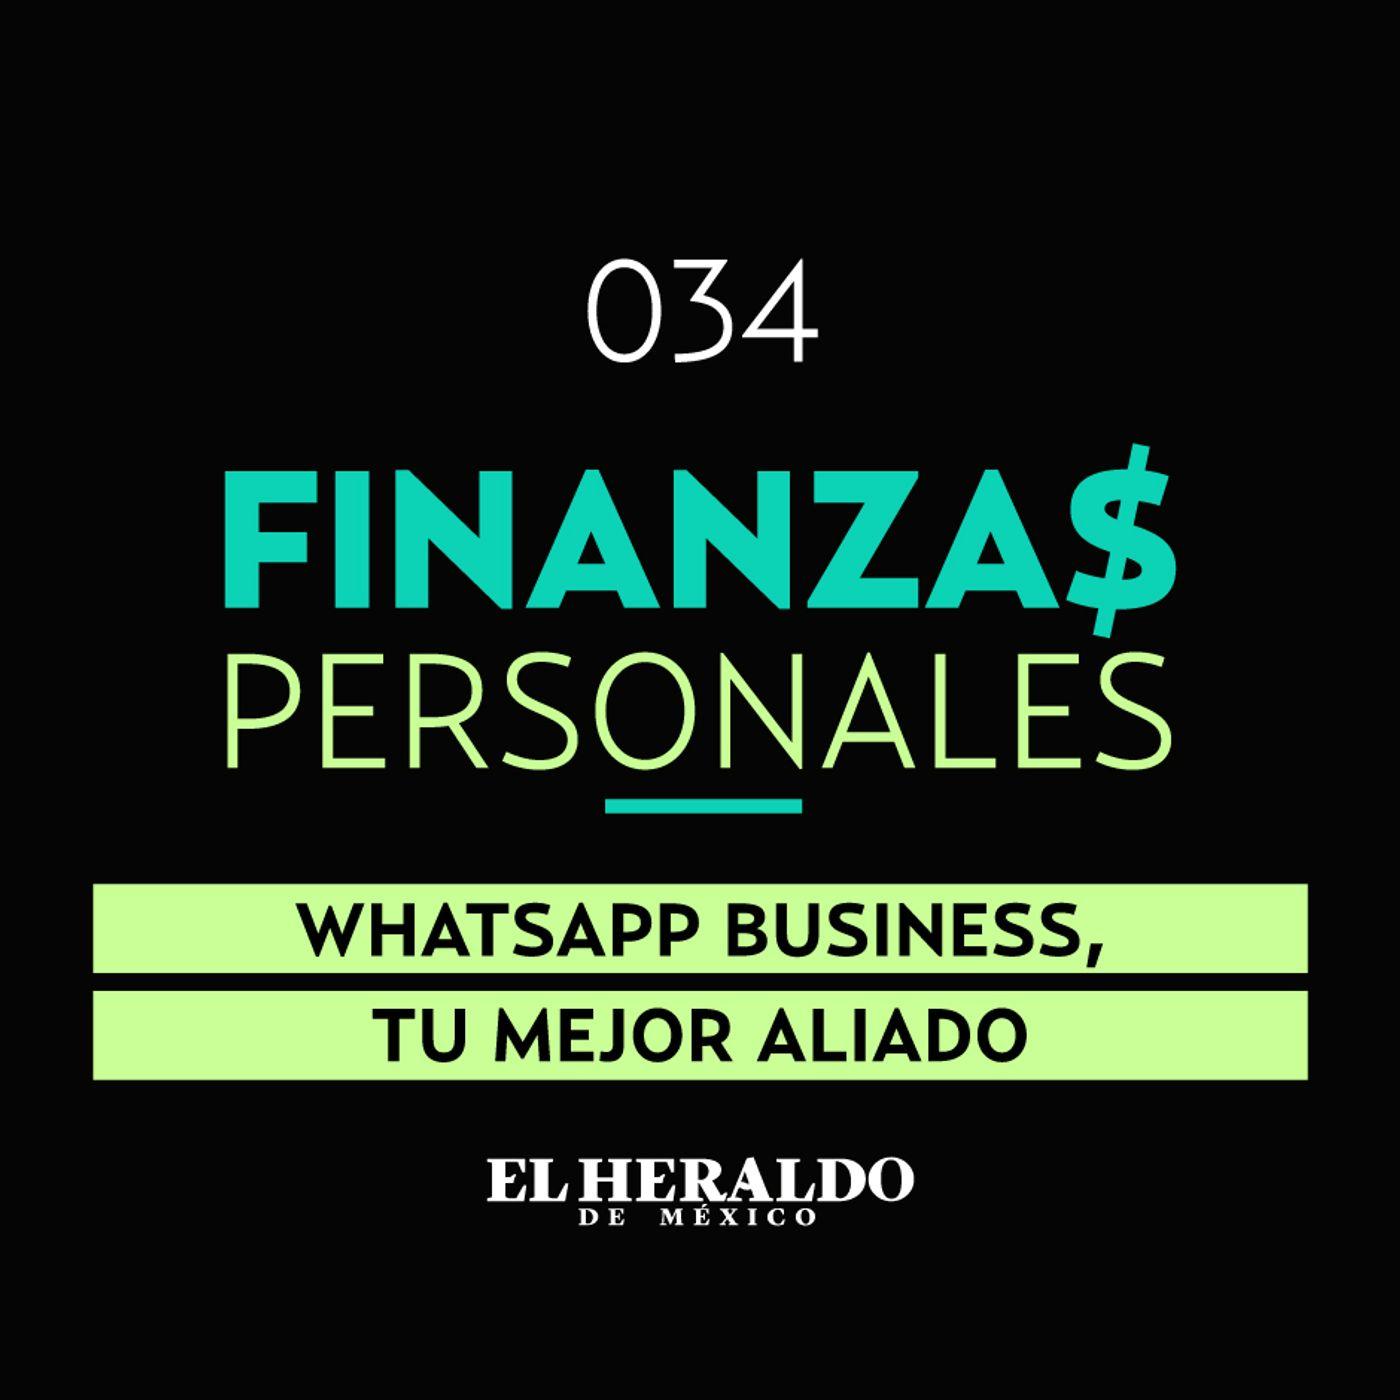 WhatsApp Bussines | Finanzas personales: Aplicaciones Móviles para negocios